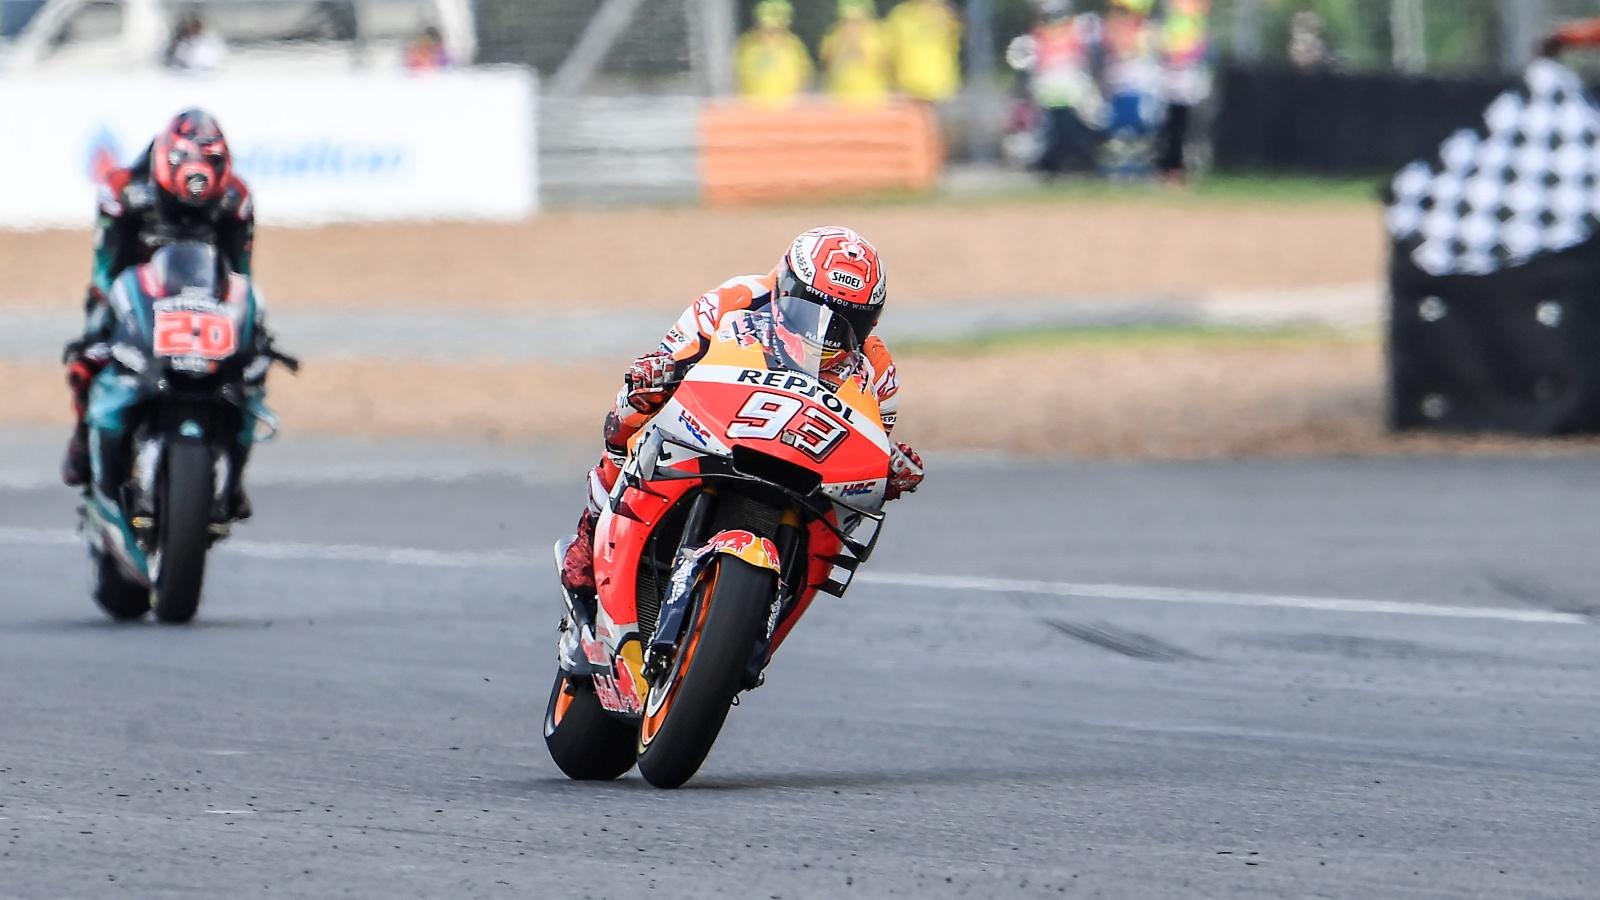 Marc Márquez, campeón MotoGP 2019